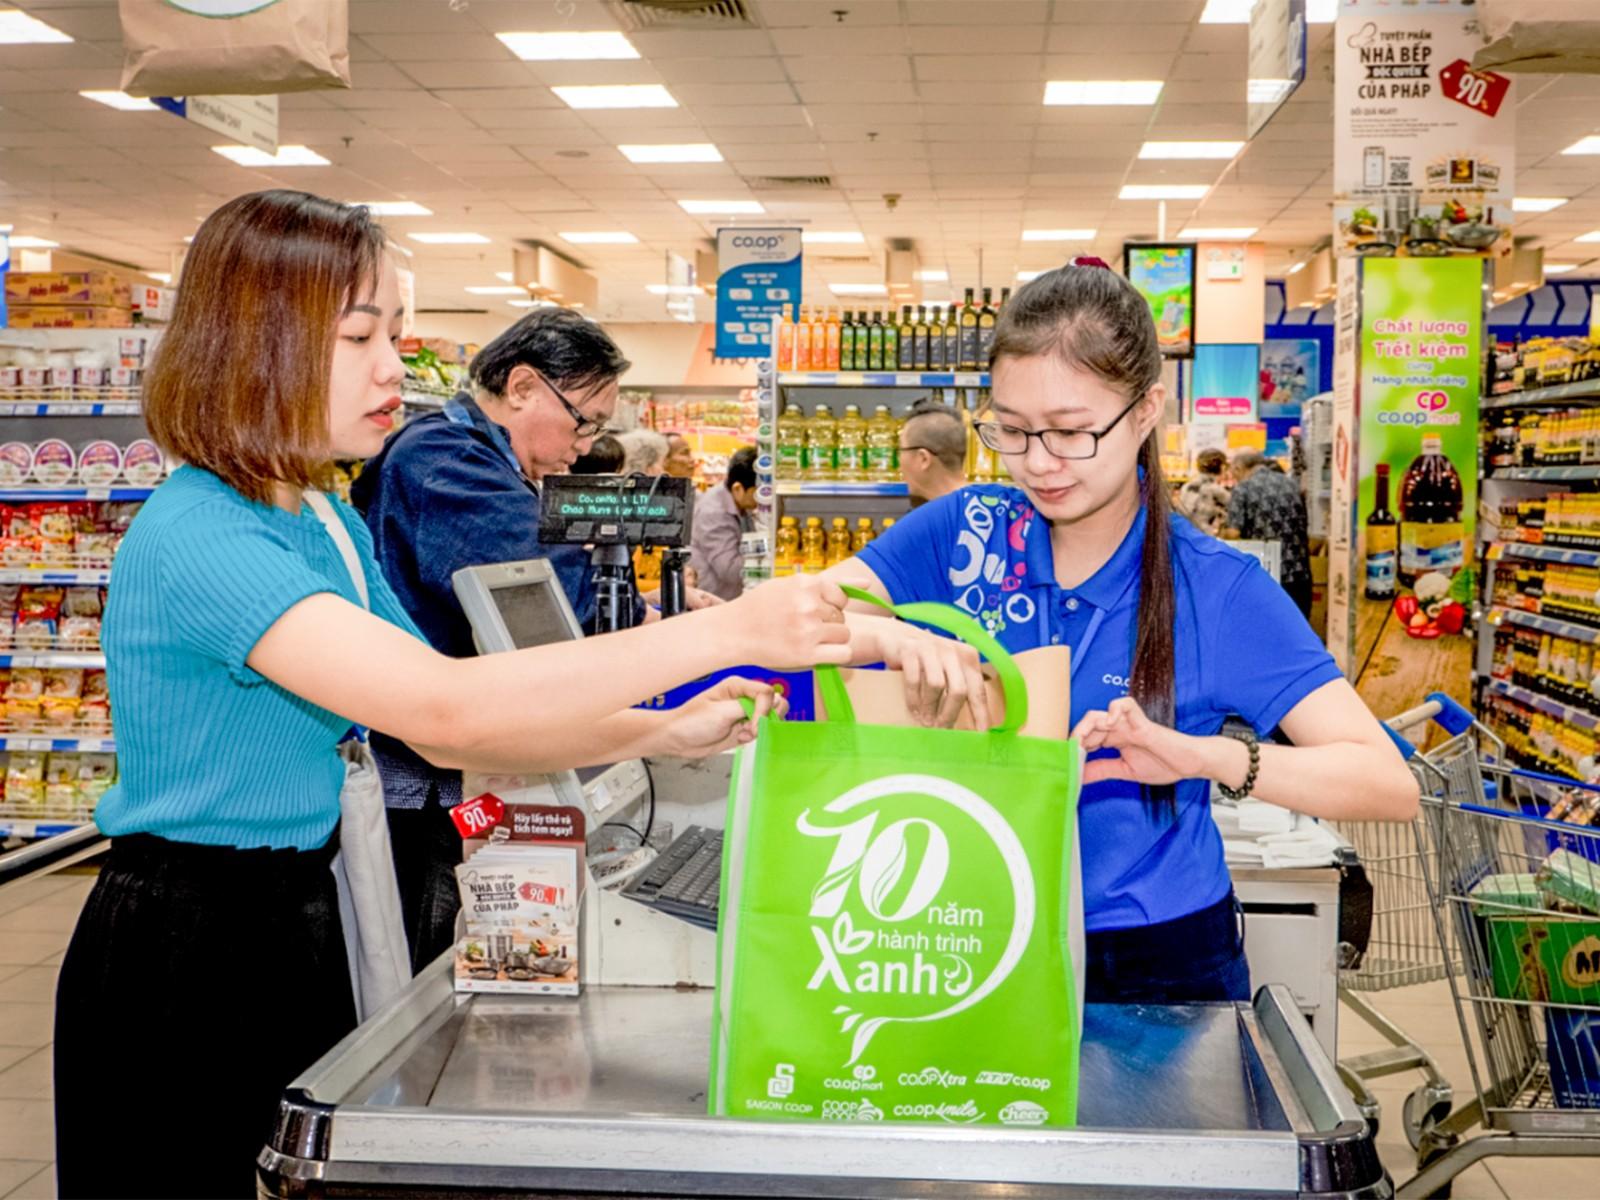 Saigon Co.op là một trong những đơn vị tiên phong trong thực hiện giảm thiểu sản phẩm nhựa một lần, tăng sử dụng sản phẩm thân thiện môi trường. Ảnh: CTV